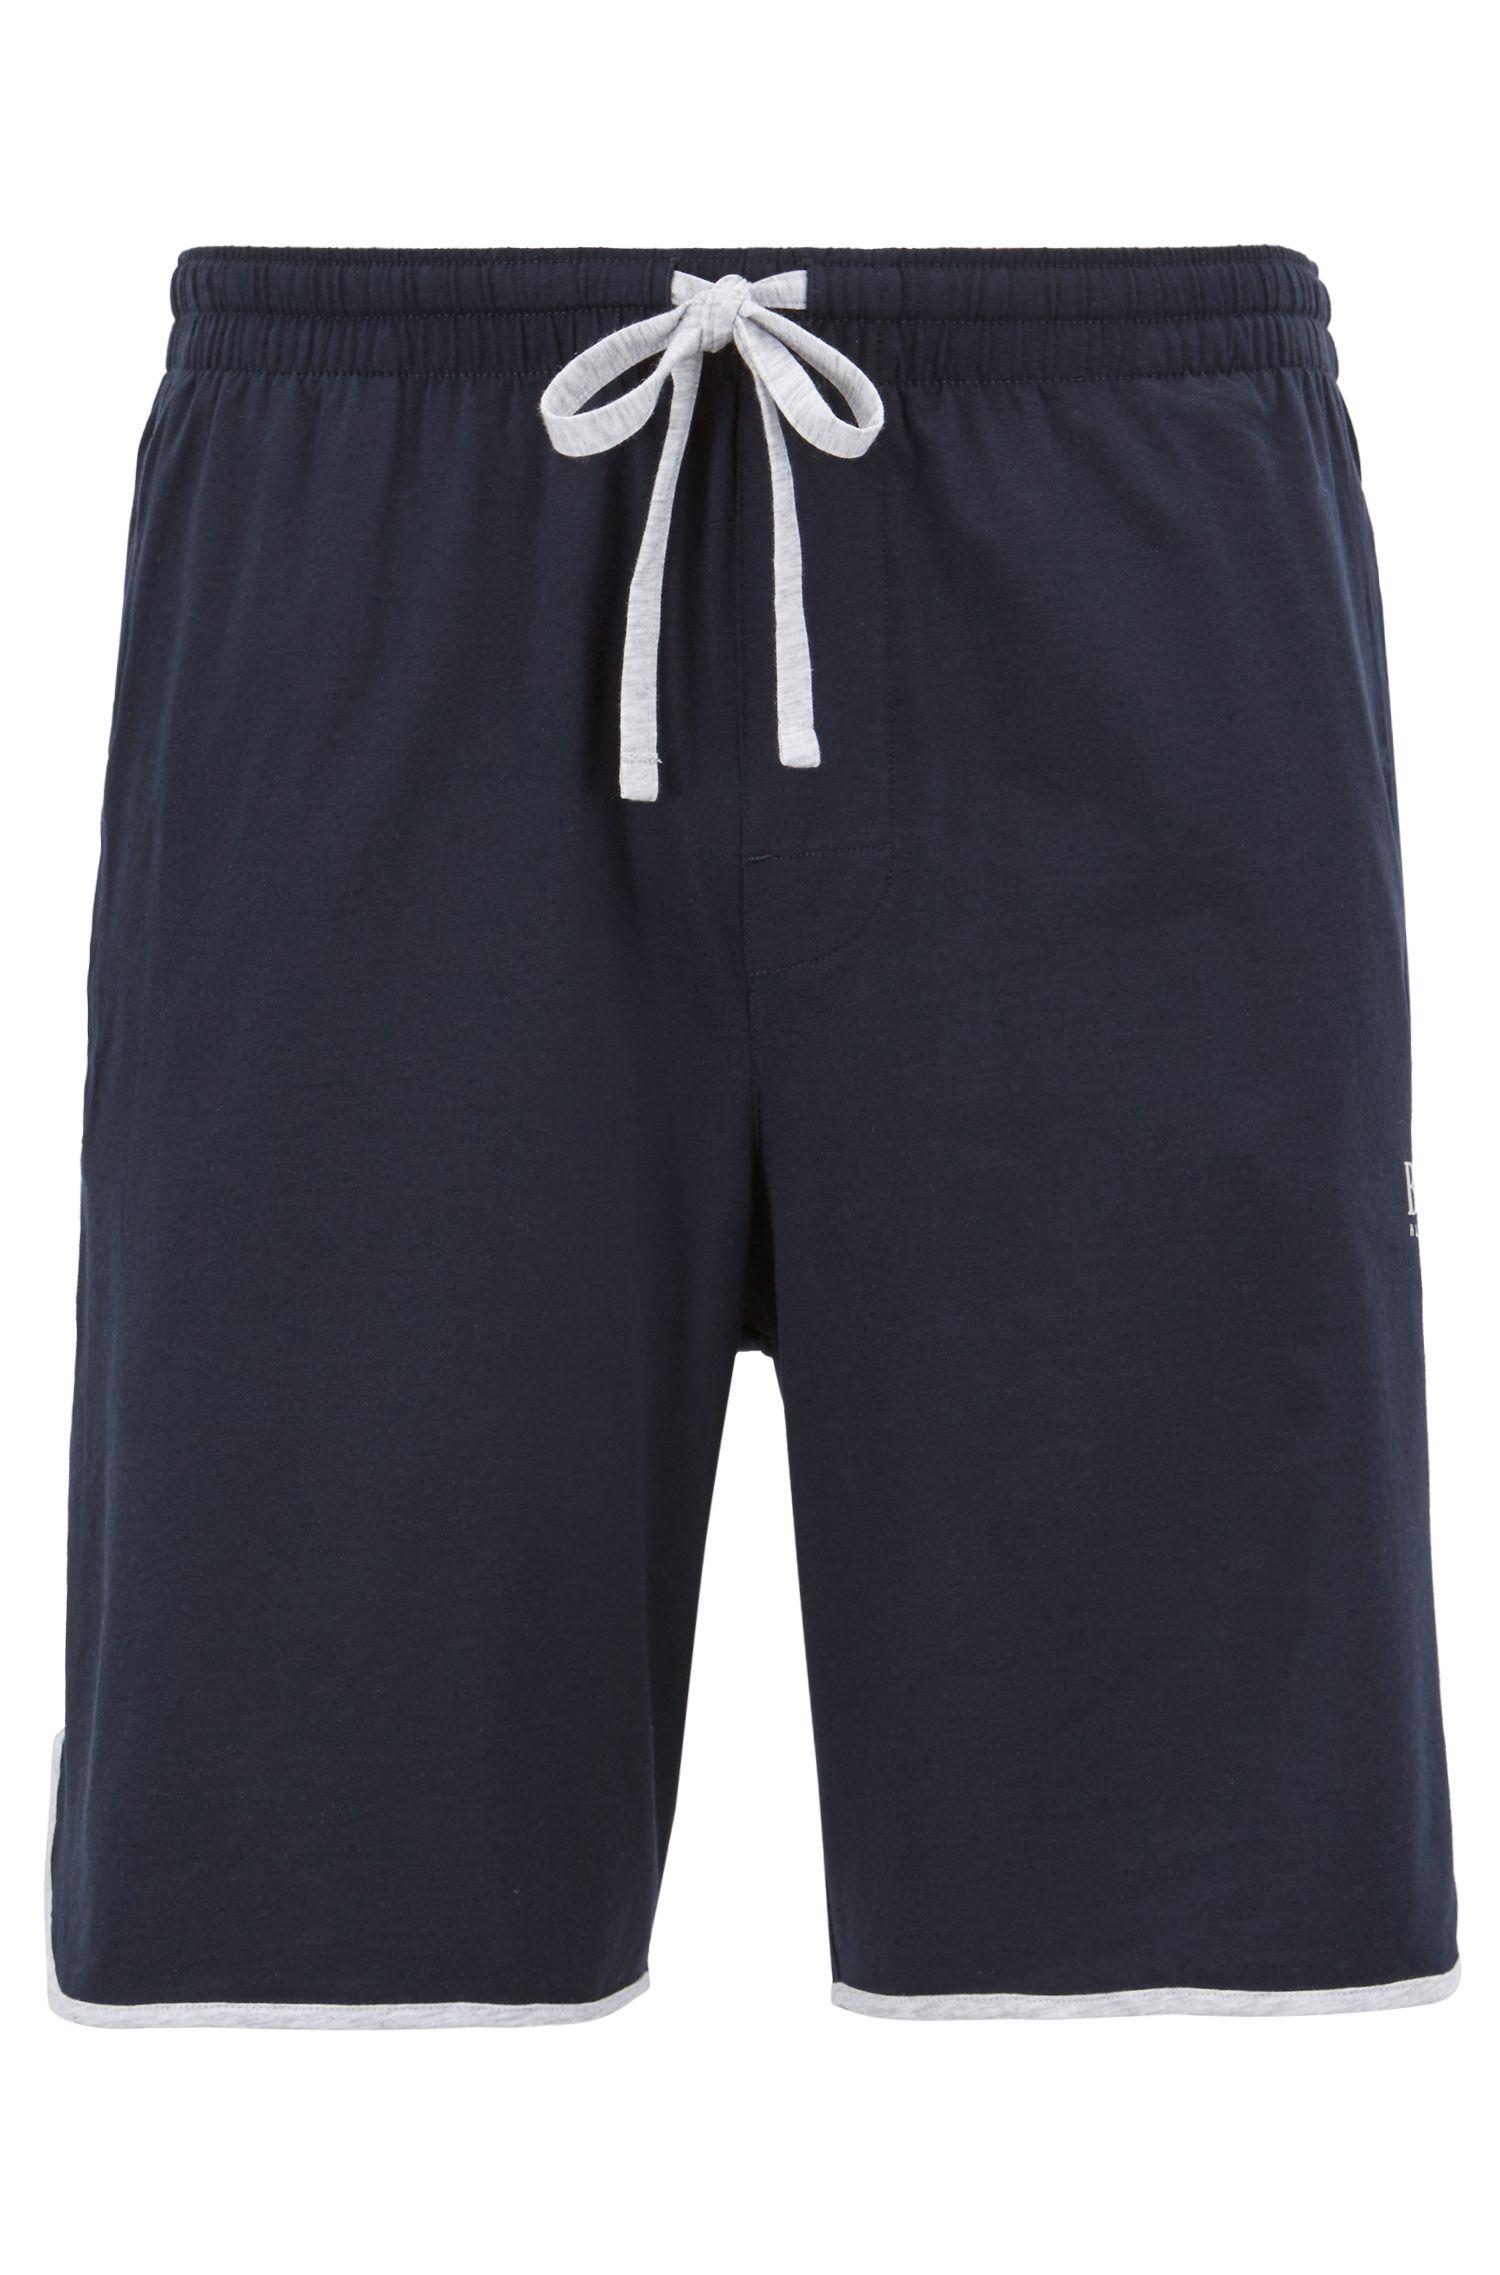 Pyjamashort met trekkoord en biesdetails